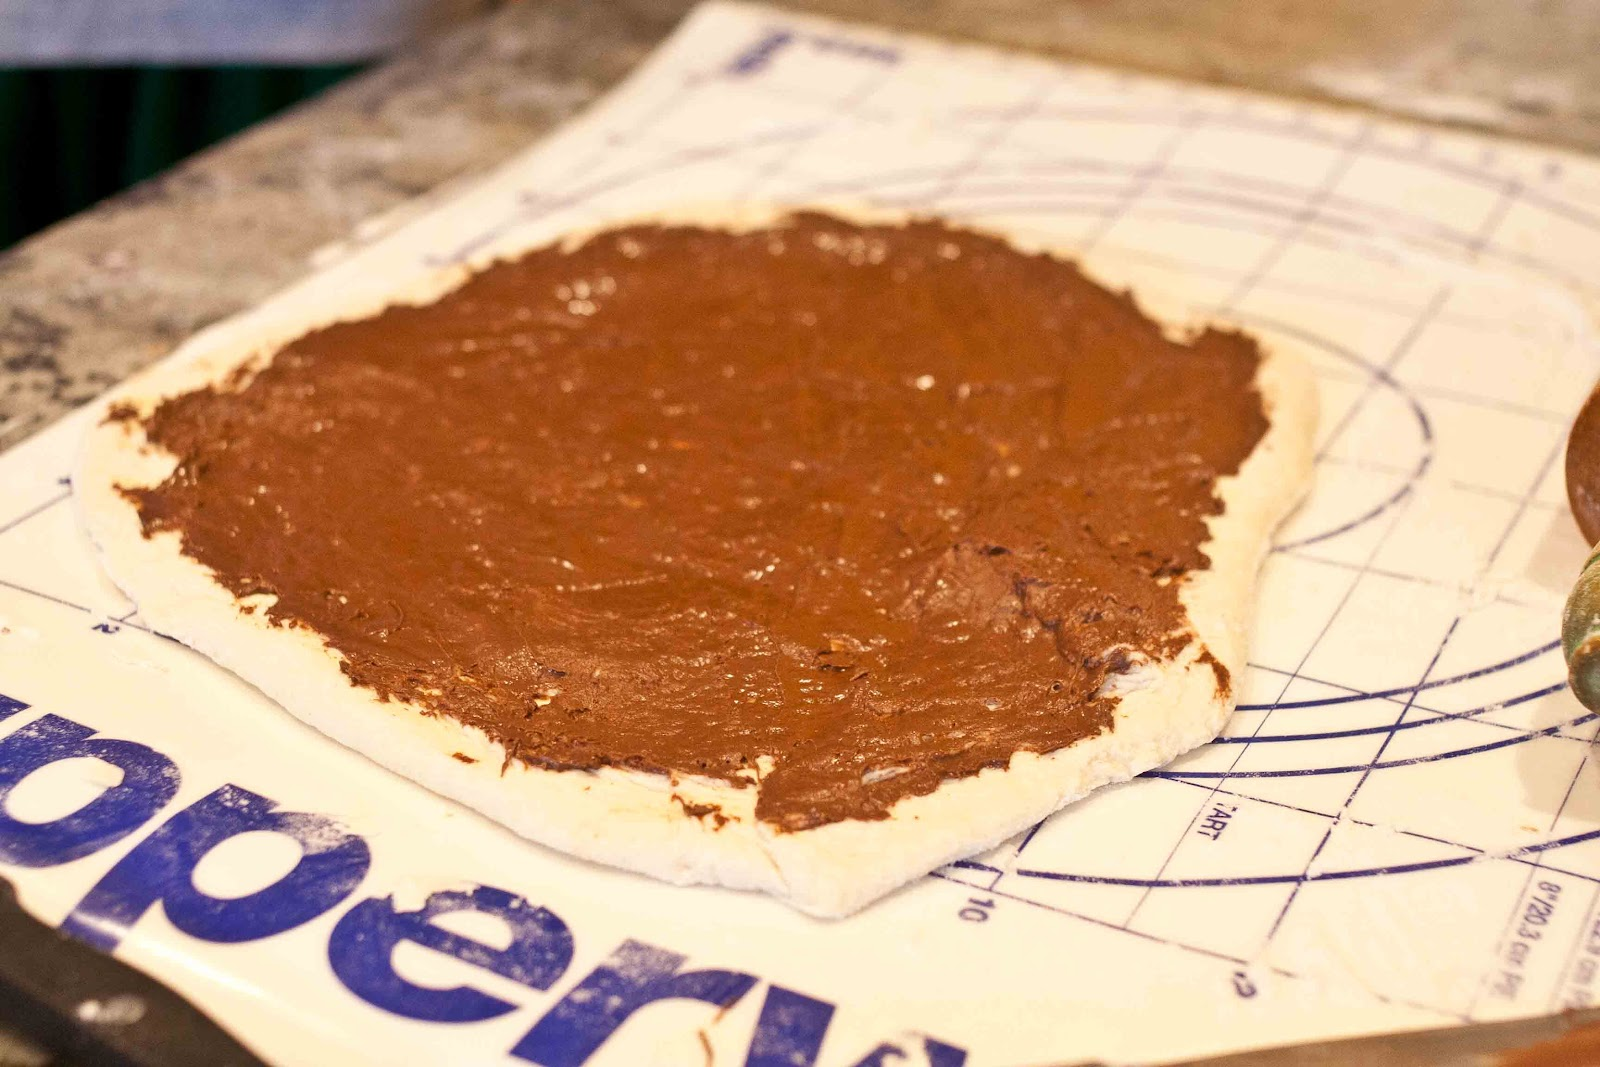 FOODjimoto: Grandma's Best Old Fashioned Cinnamon Rolls